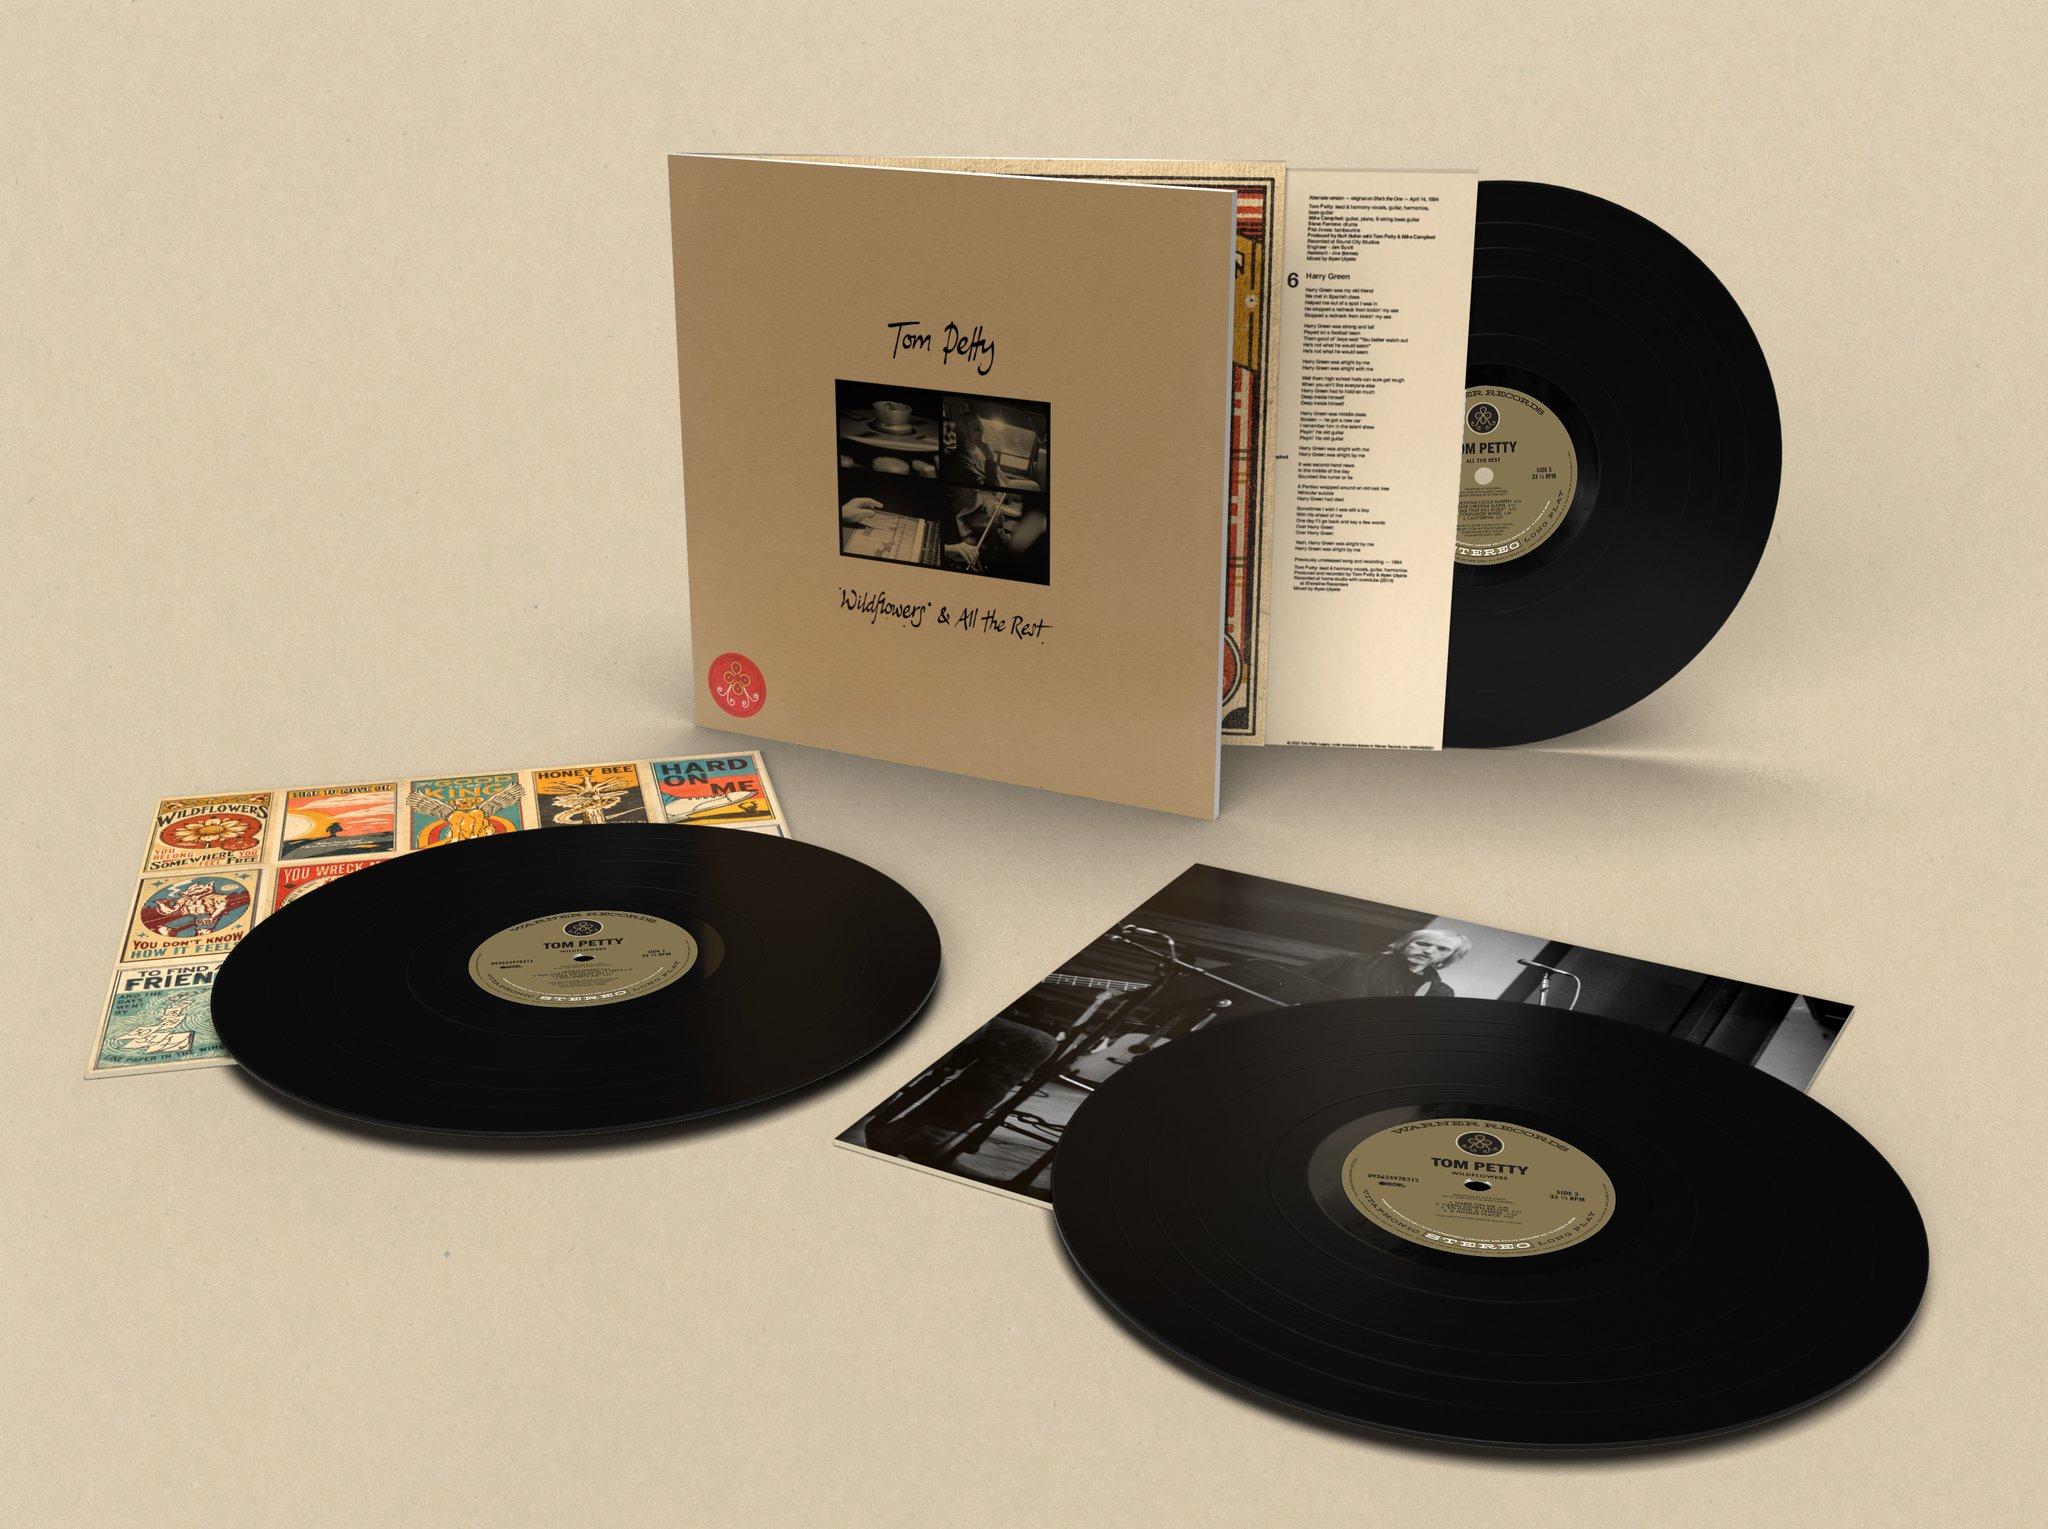 Tom Petty - Wildflowers & All The Rest [LTD 3xLP]